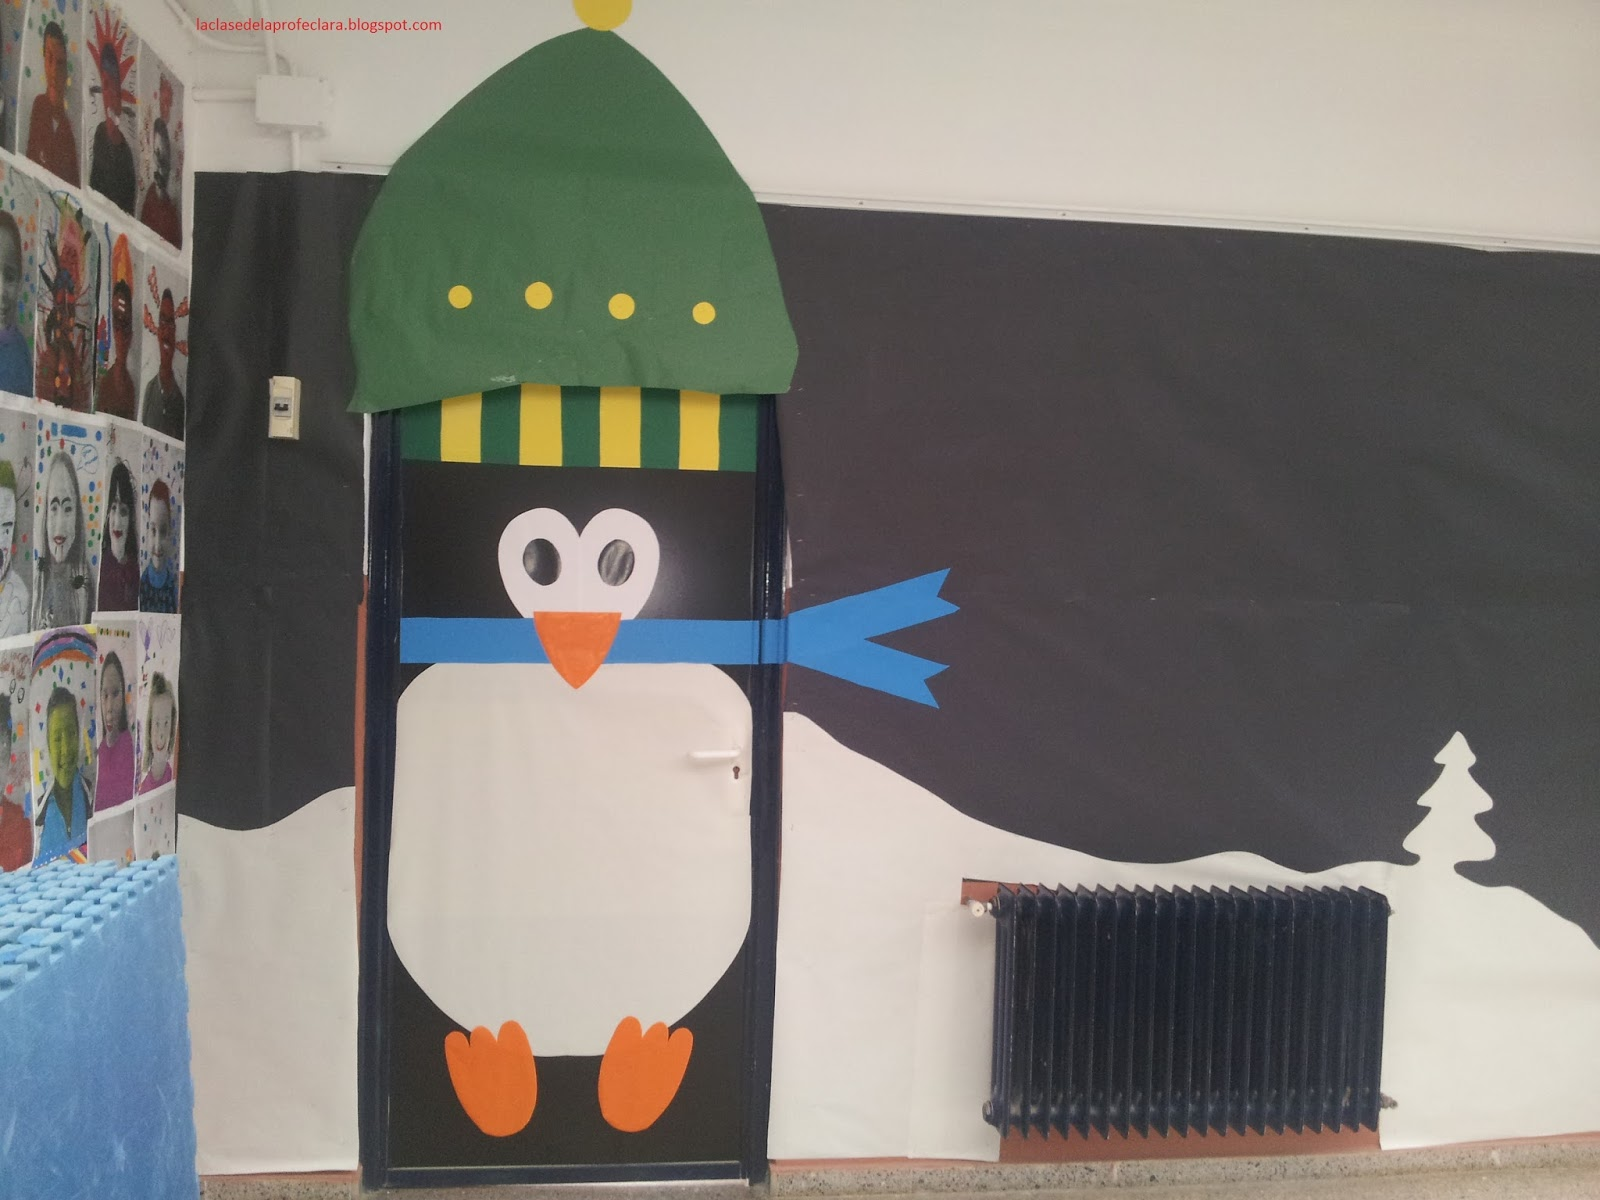 La clase de la profe clara ideas de decoraci n de for Decoracion de puertas de colegio